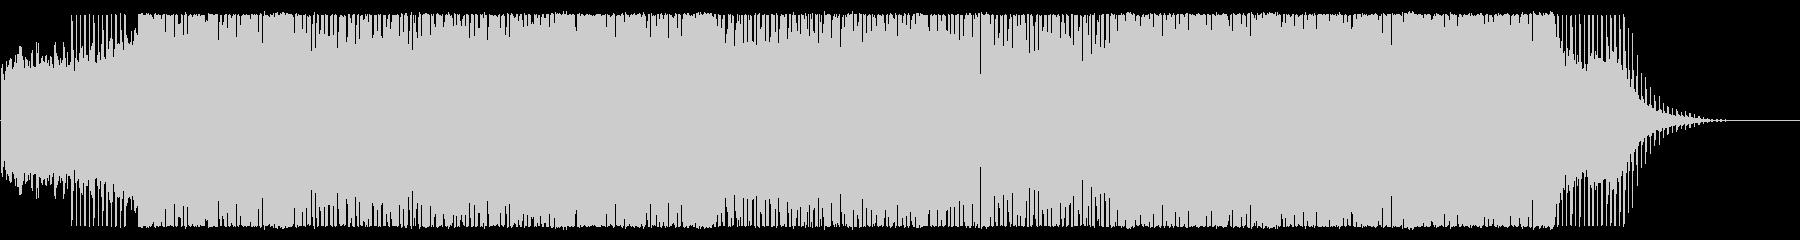 宇宙をイメージしたシンセサイザー主体の曲の未再生の波形